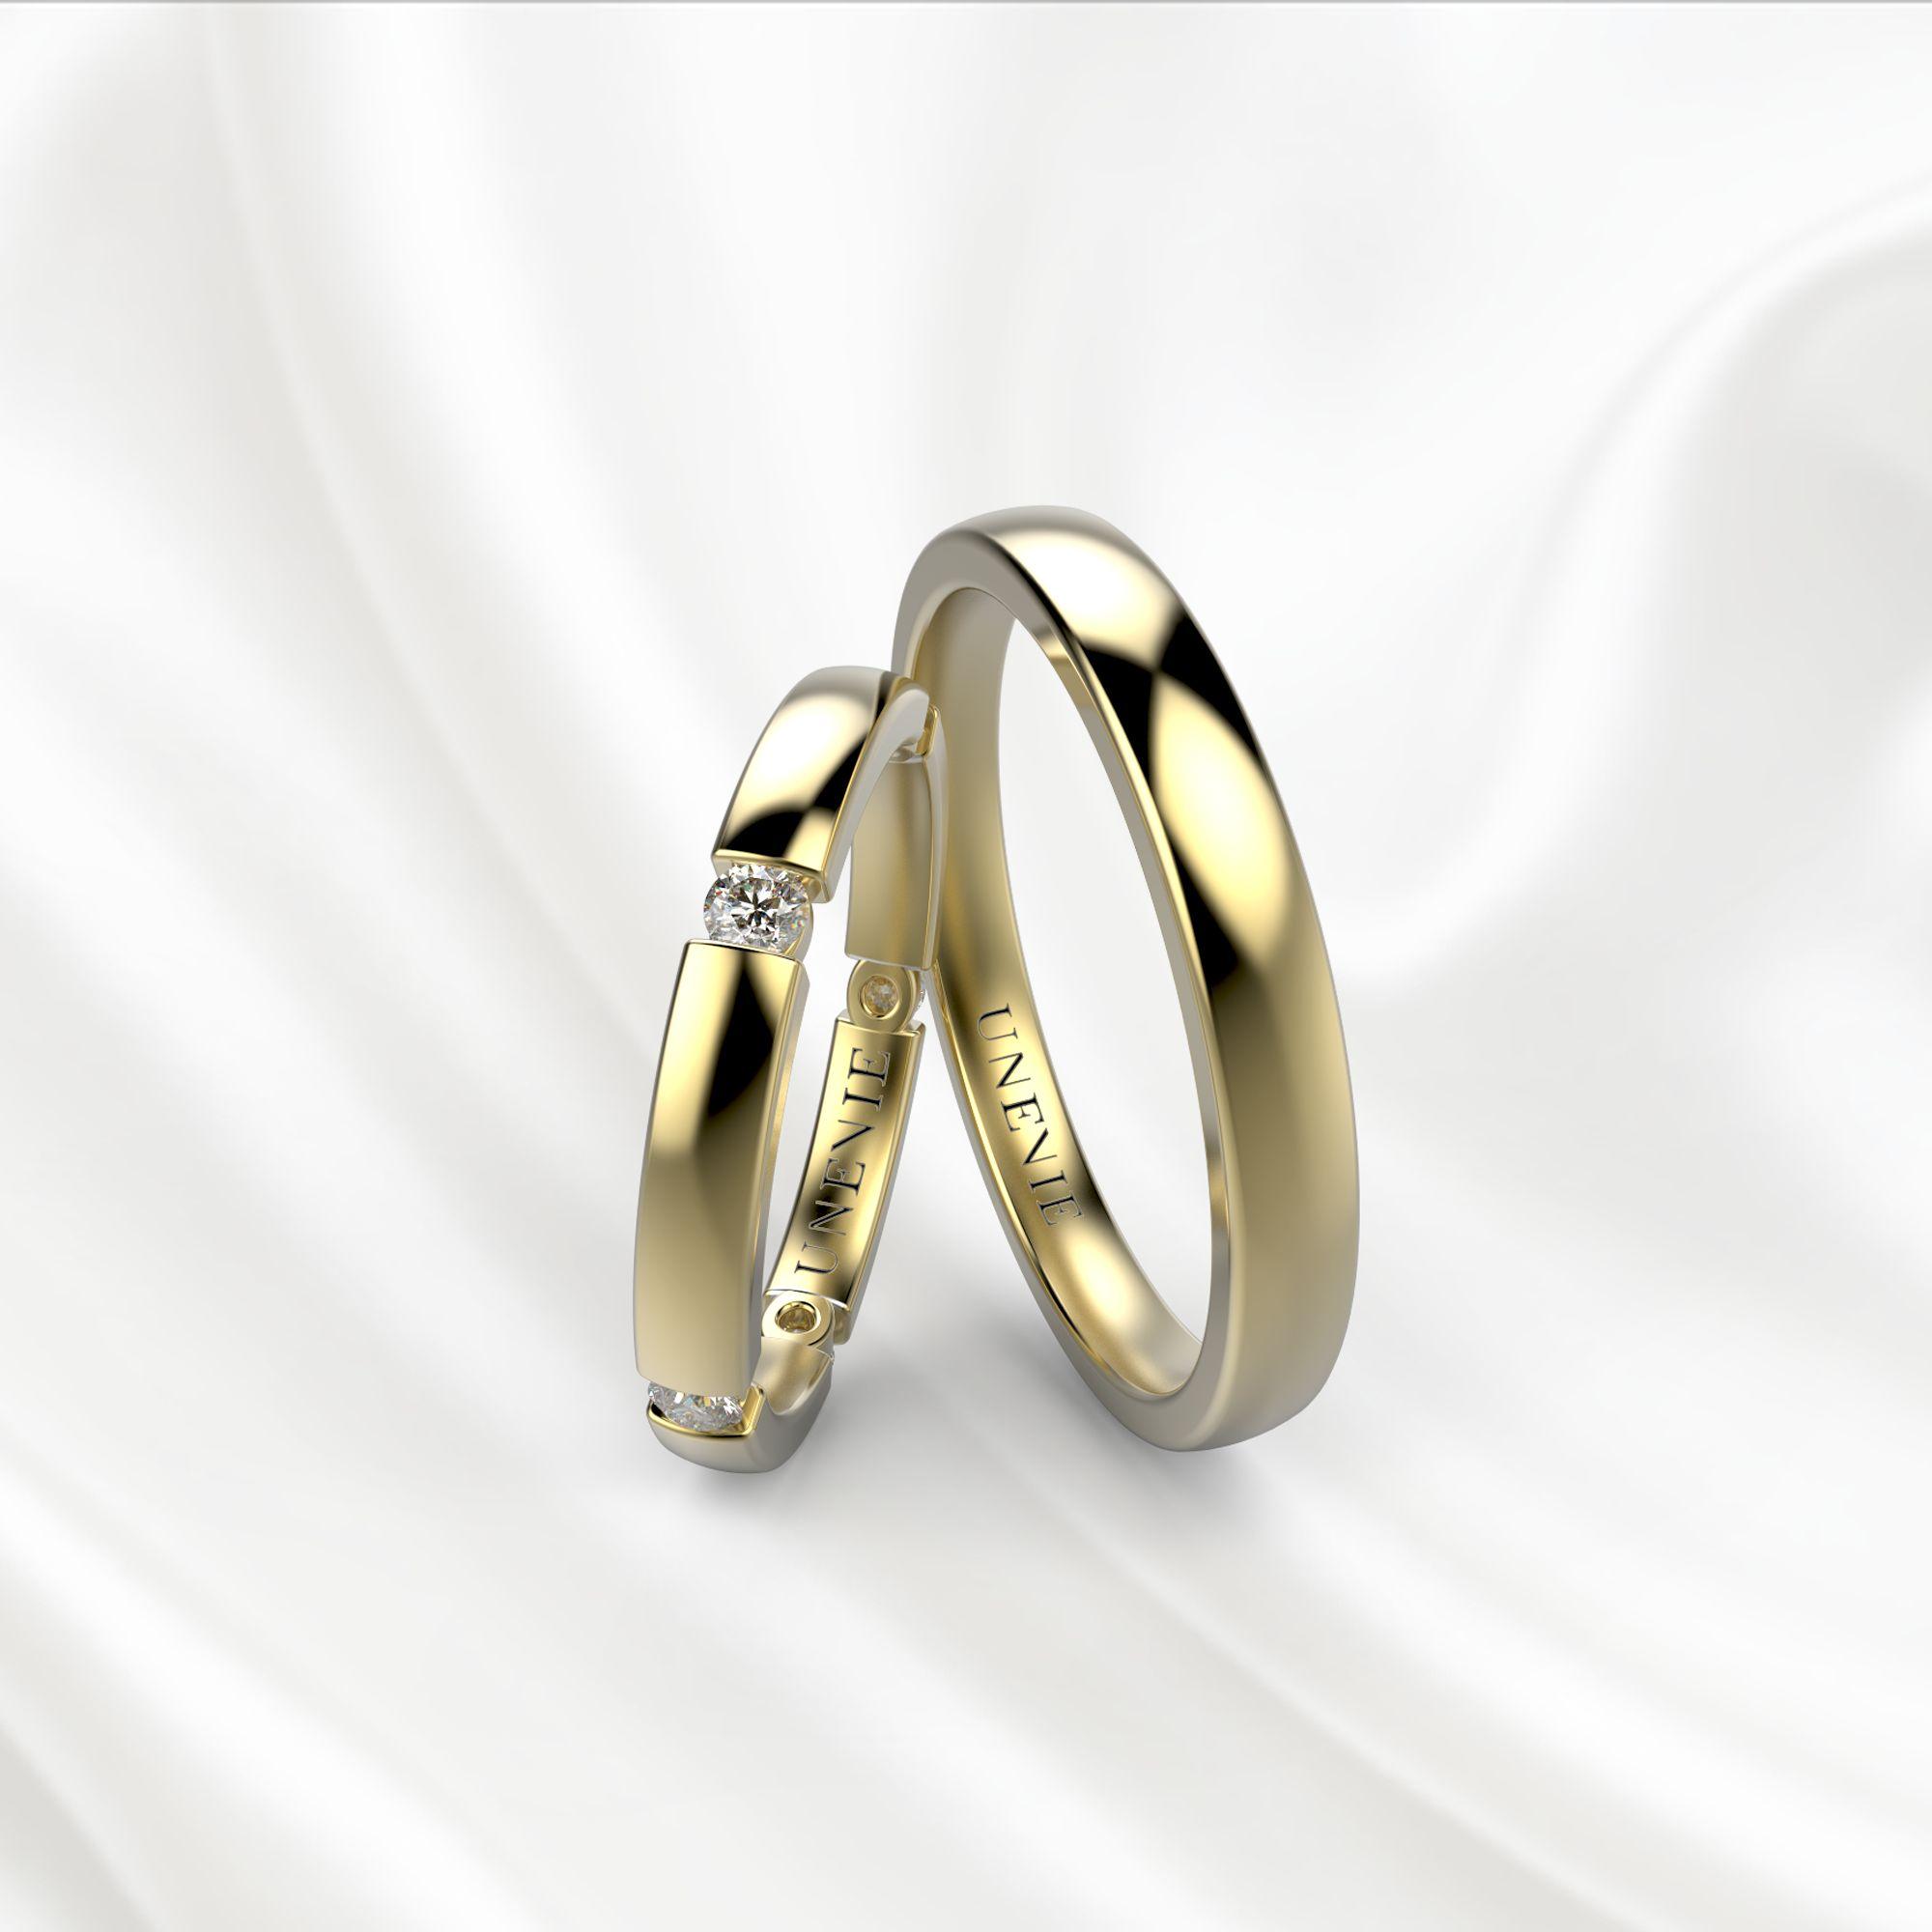 NV22 Обручальные кольца из желтого золота